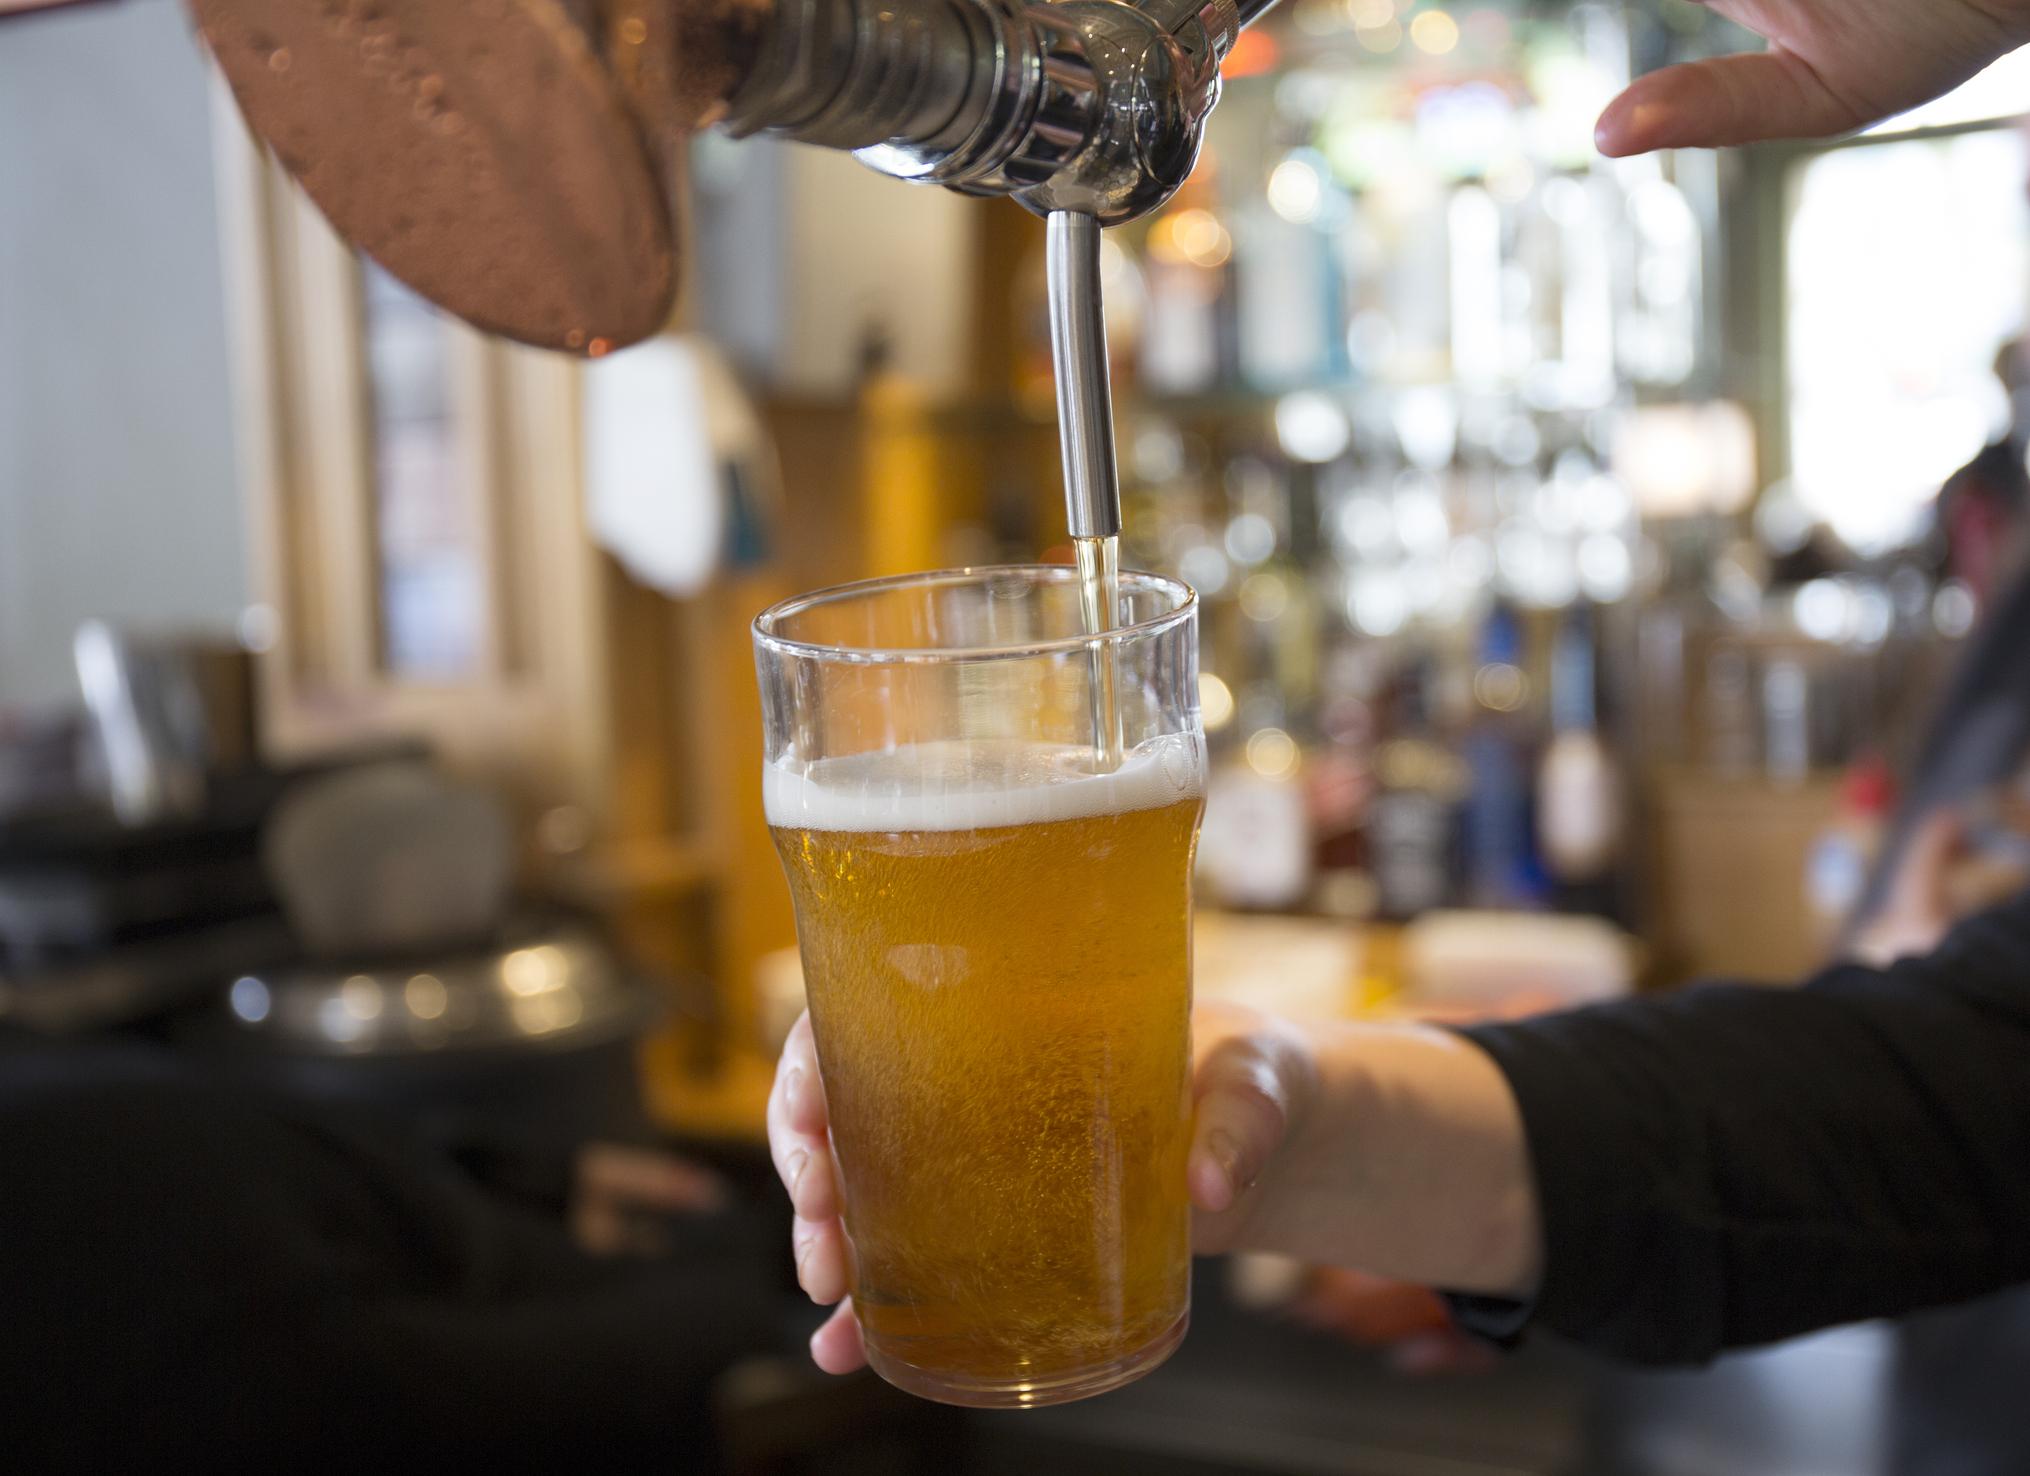 Savvy pub owner's lockdown loophole